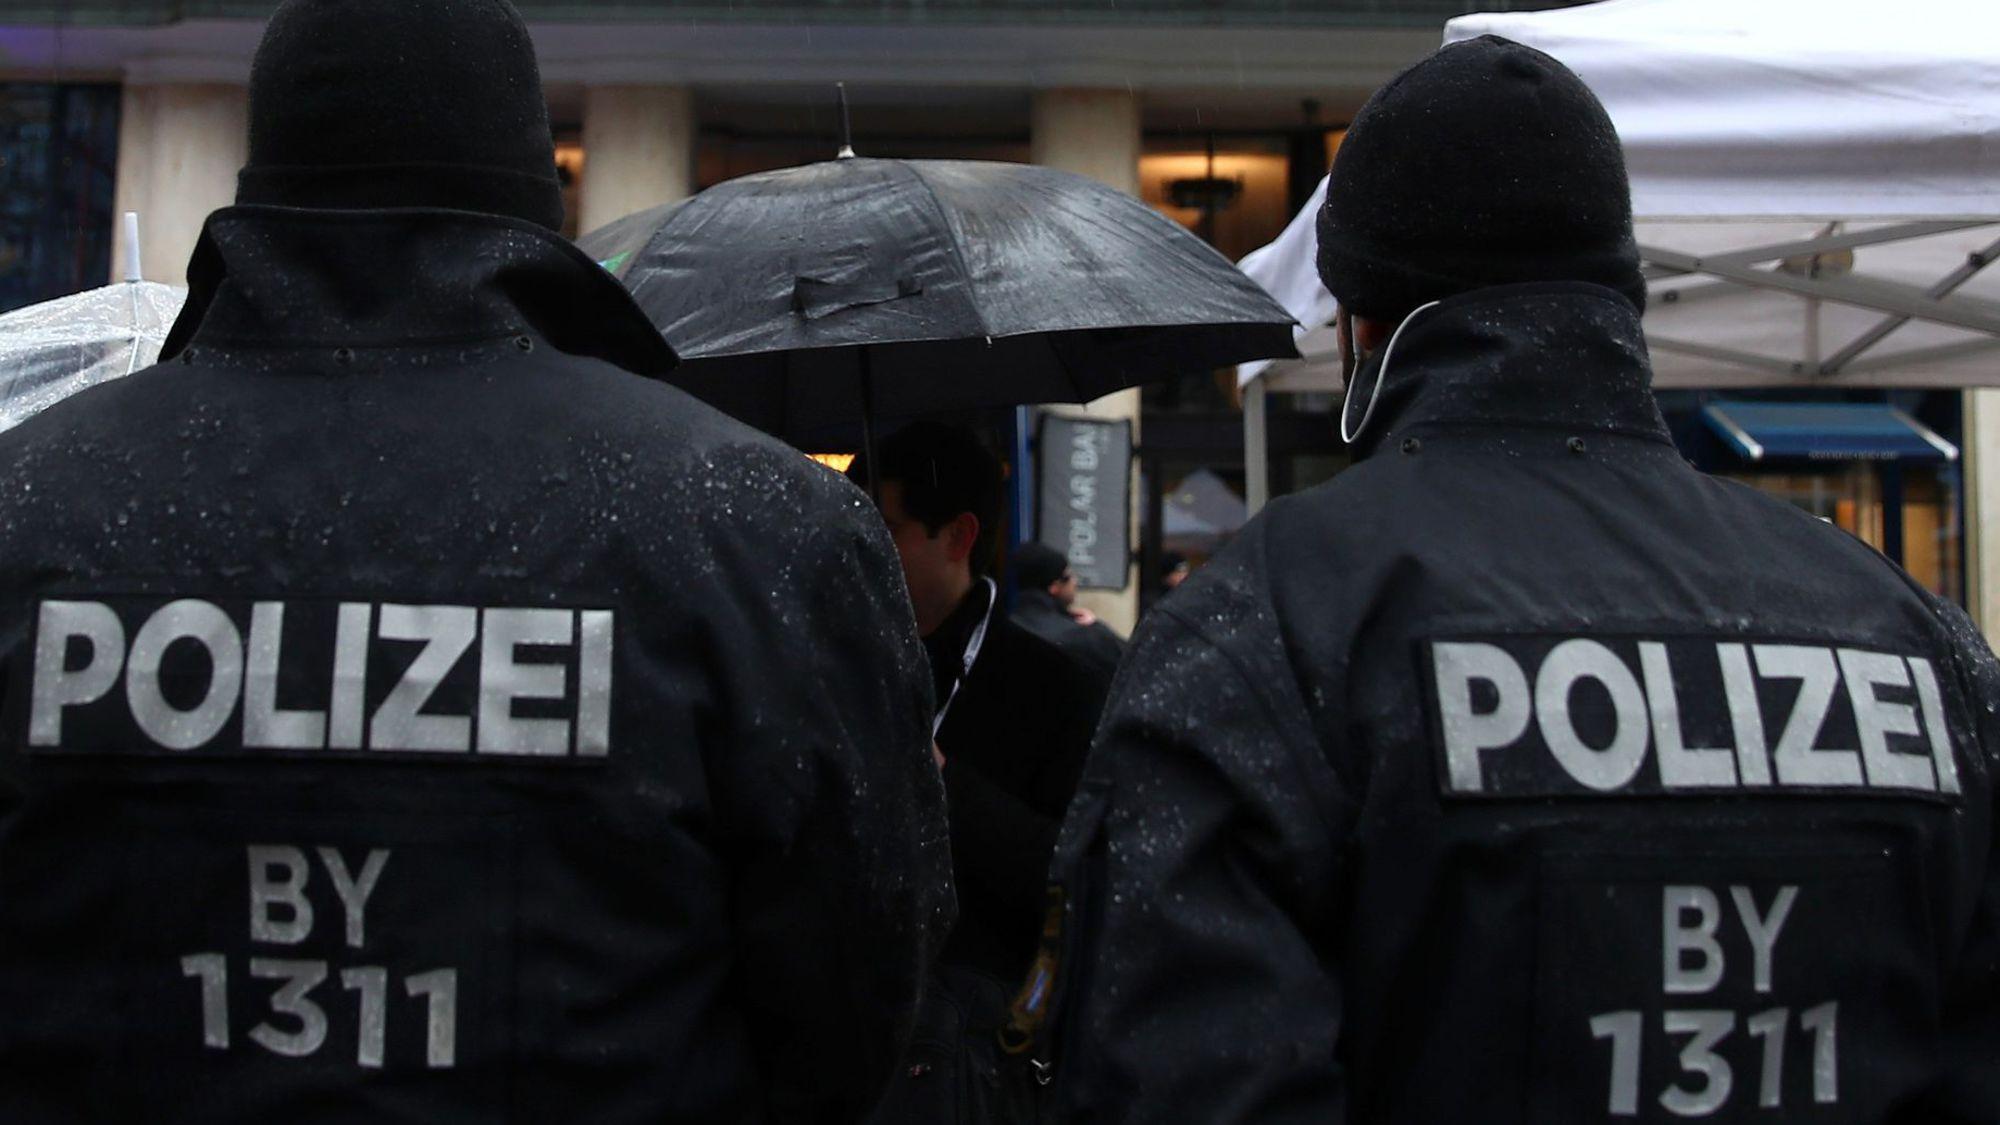 [Alerte attentat] au moins deux juifs assassinés à l'arme automatique dans une synagogue en Allemagne (Halle)